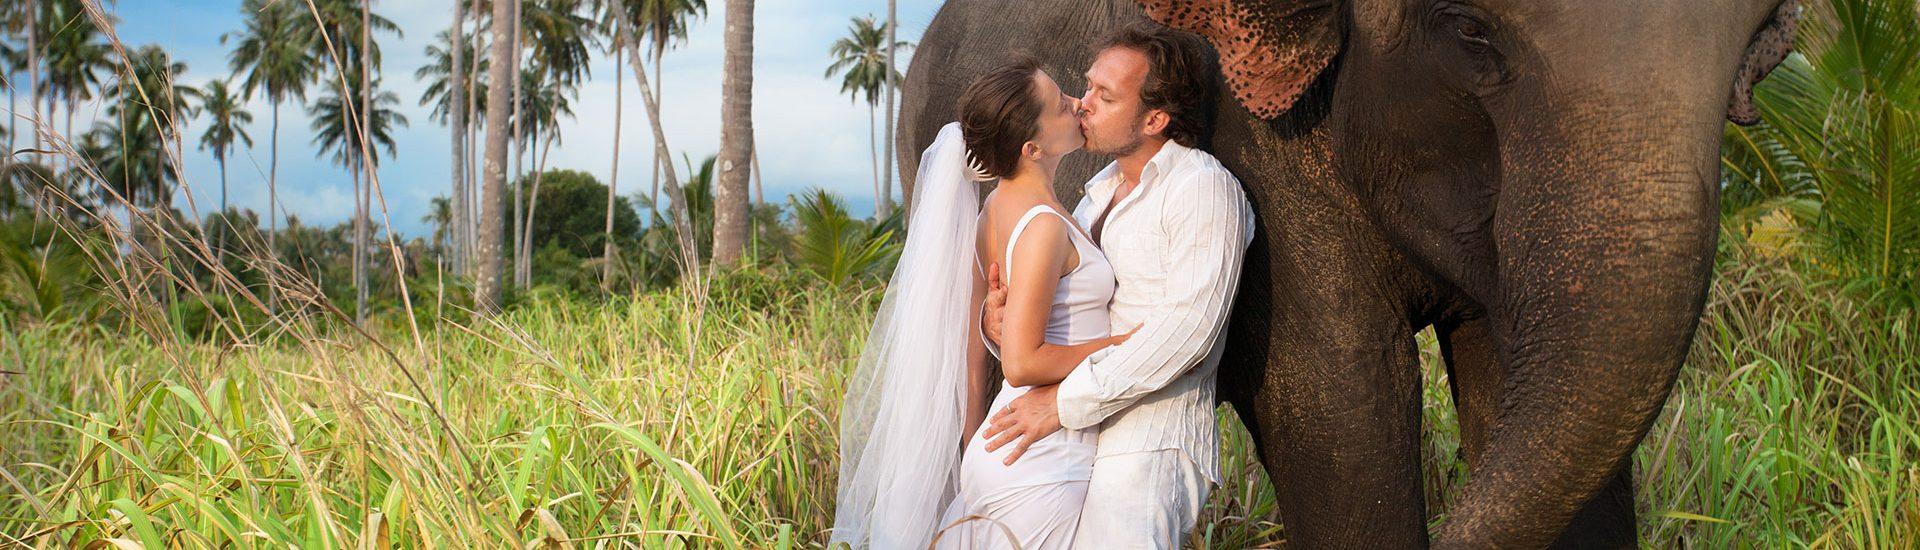 bodas con encanto con noeliatours